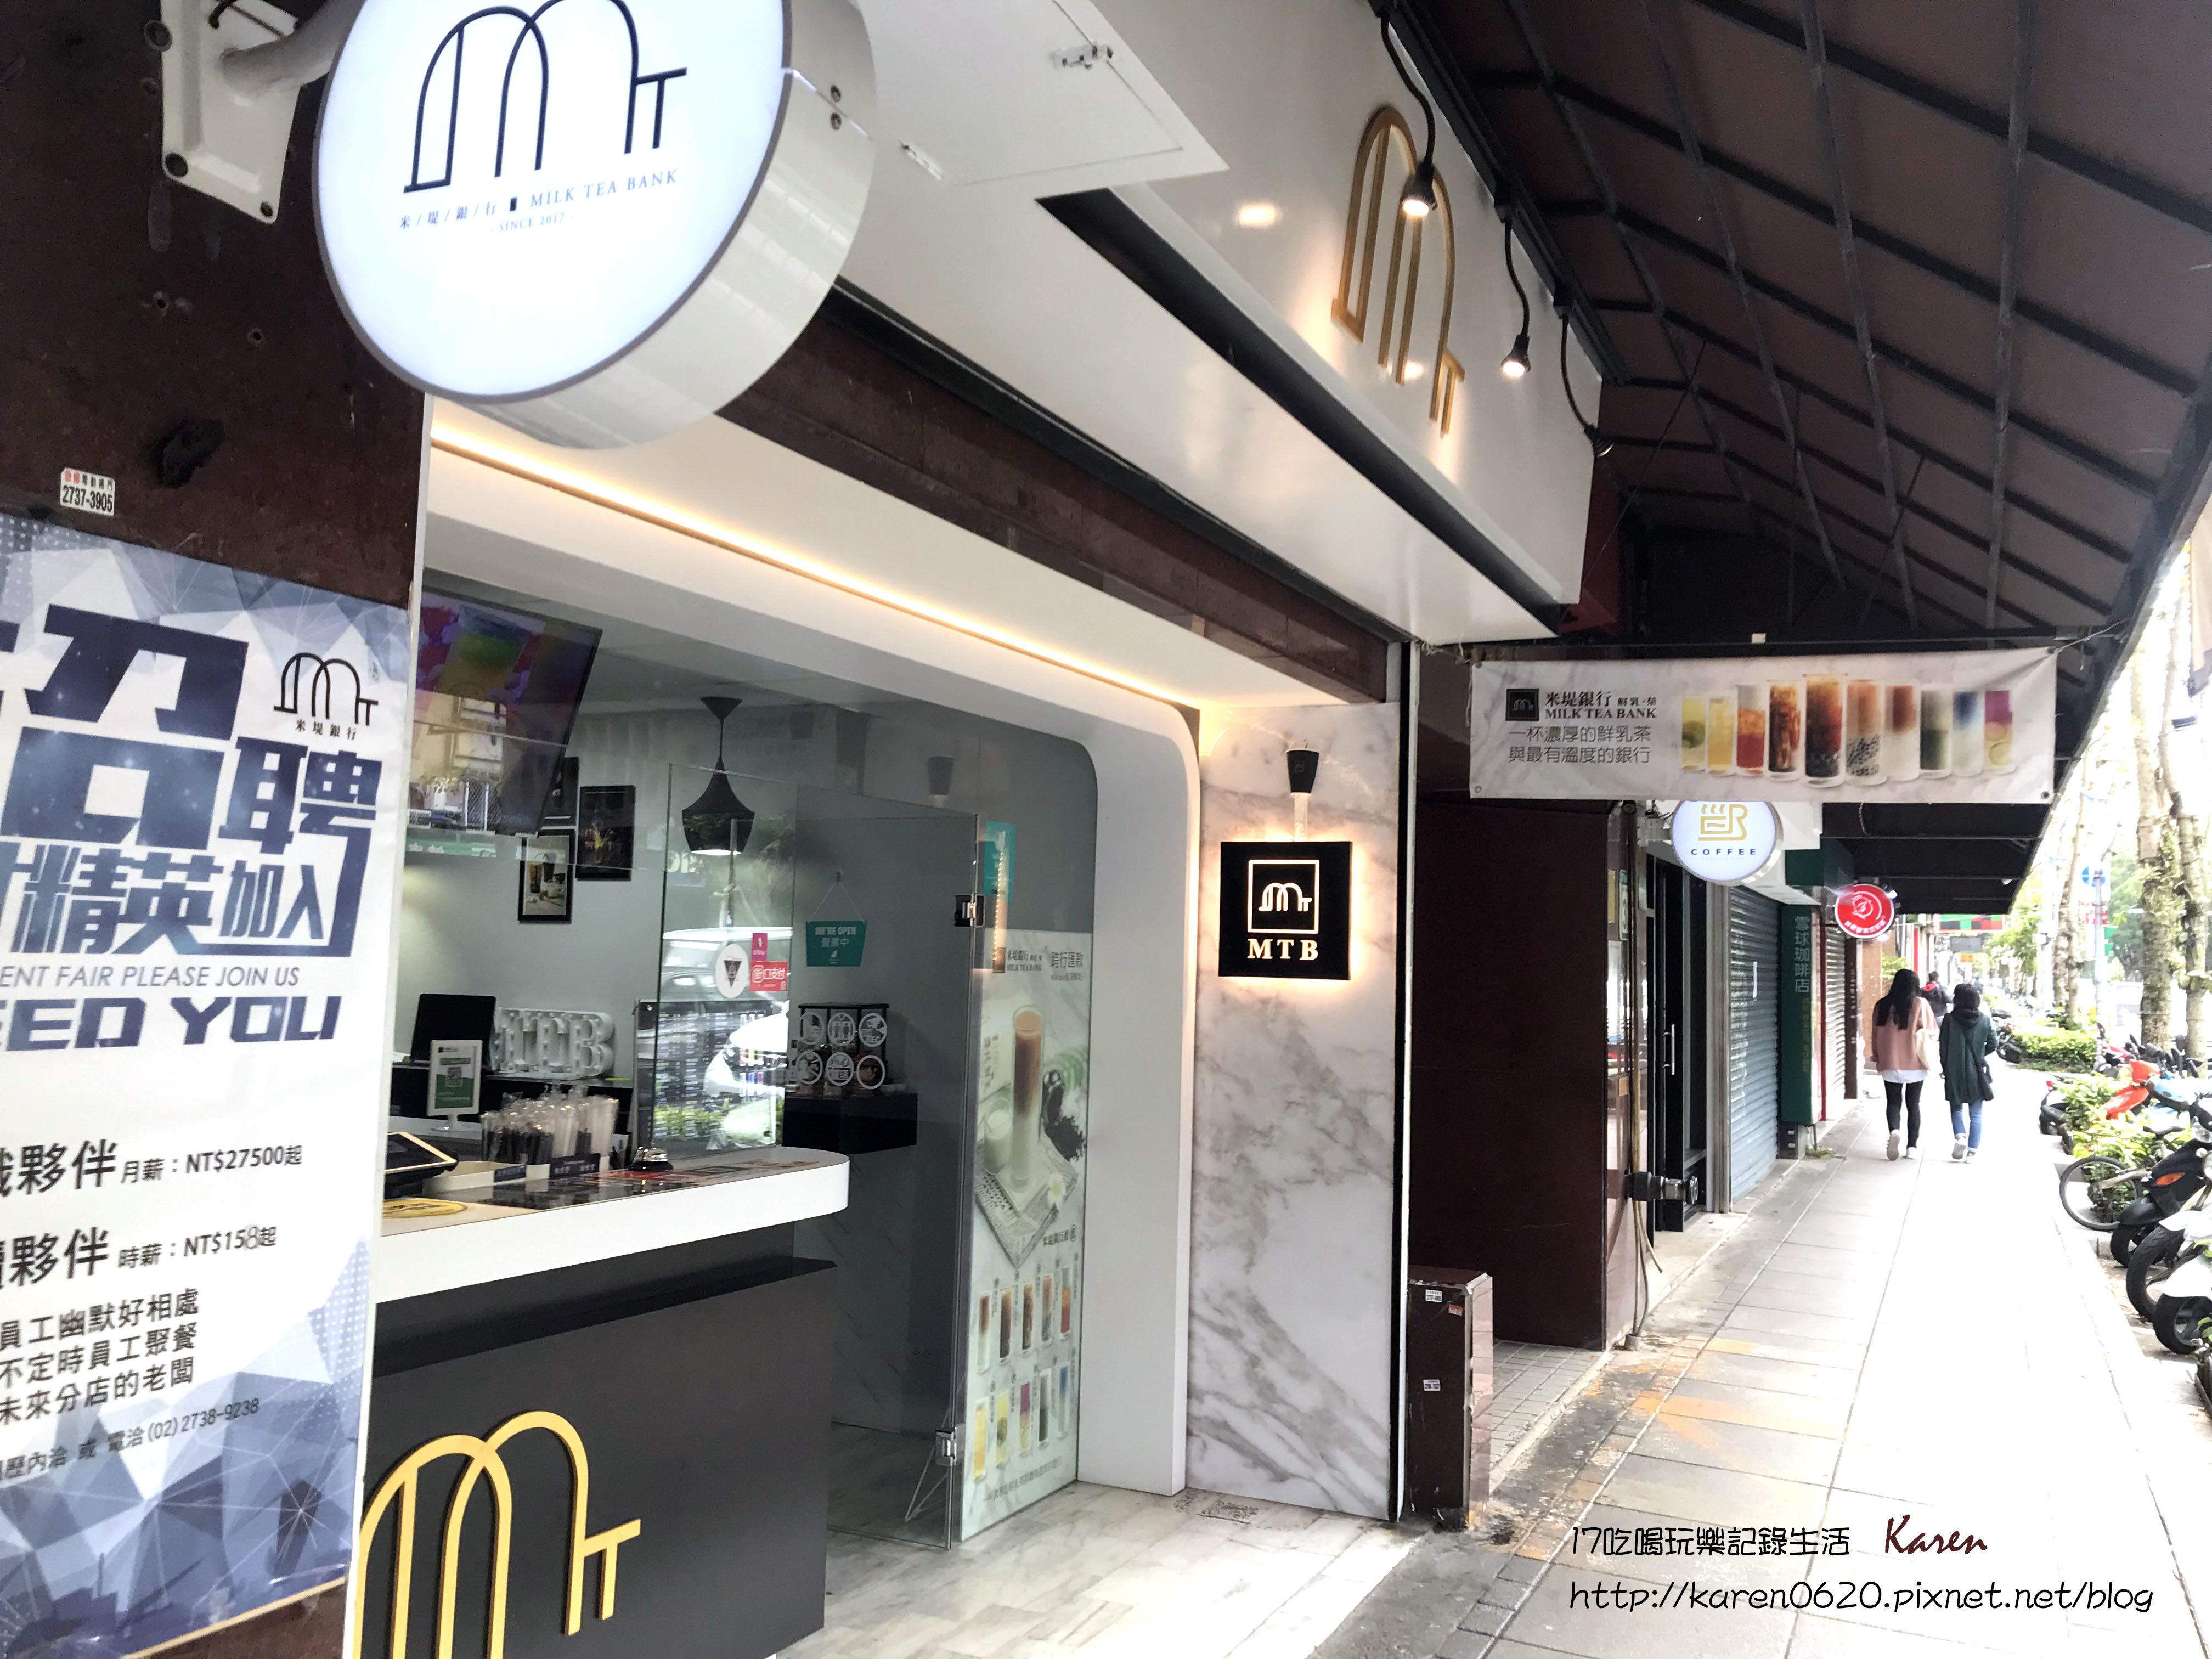 米堤銀行MTB.jpg